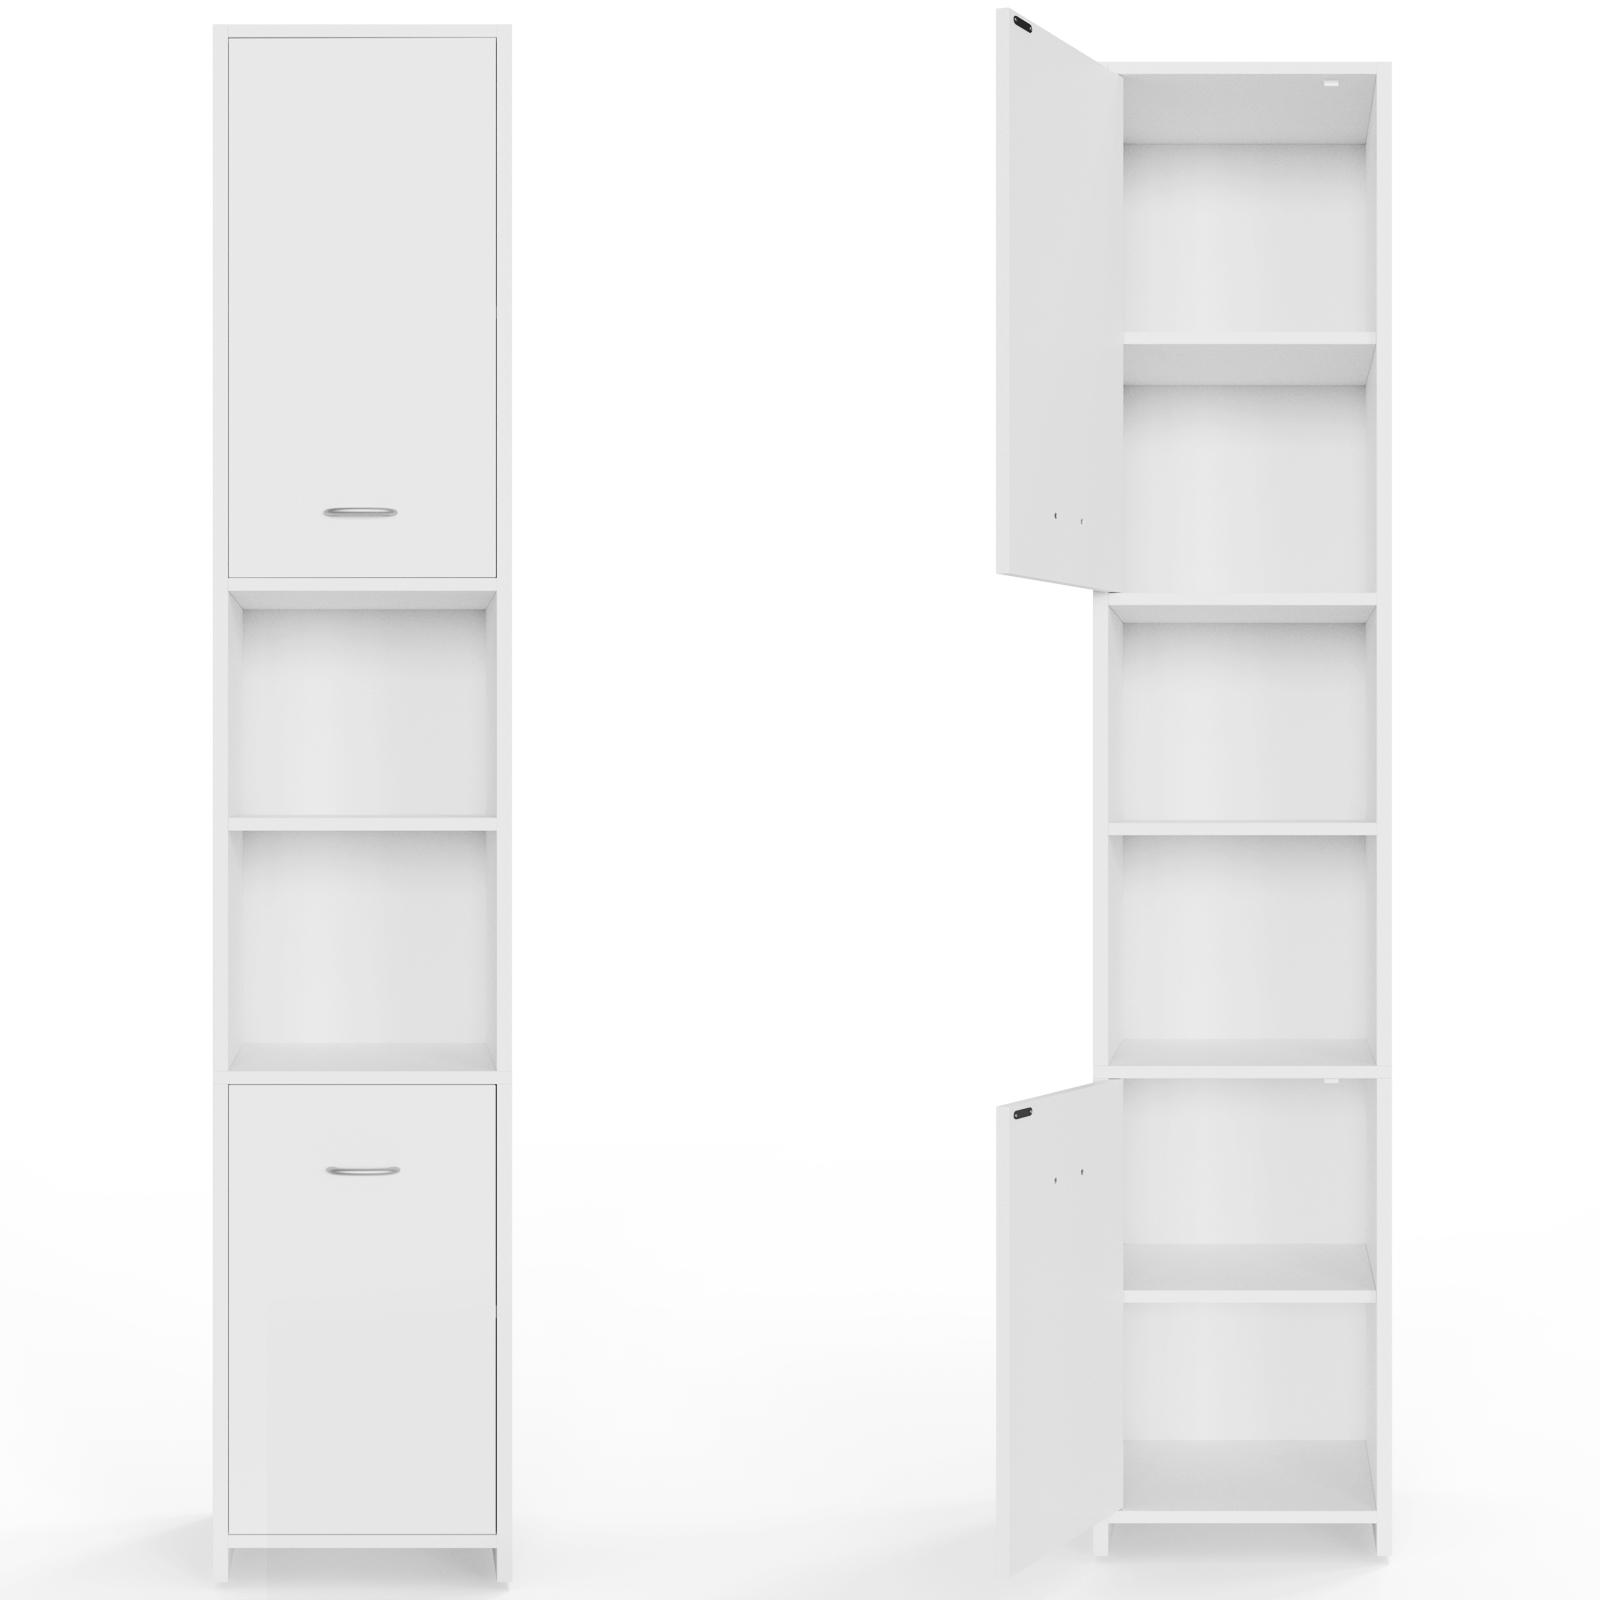 Meuble salle de bain armoire colonne tag re rangement for Colonne salle de bain 30 x 30